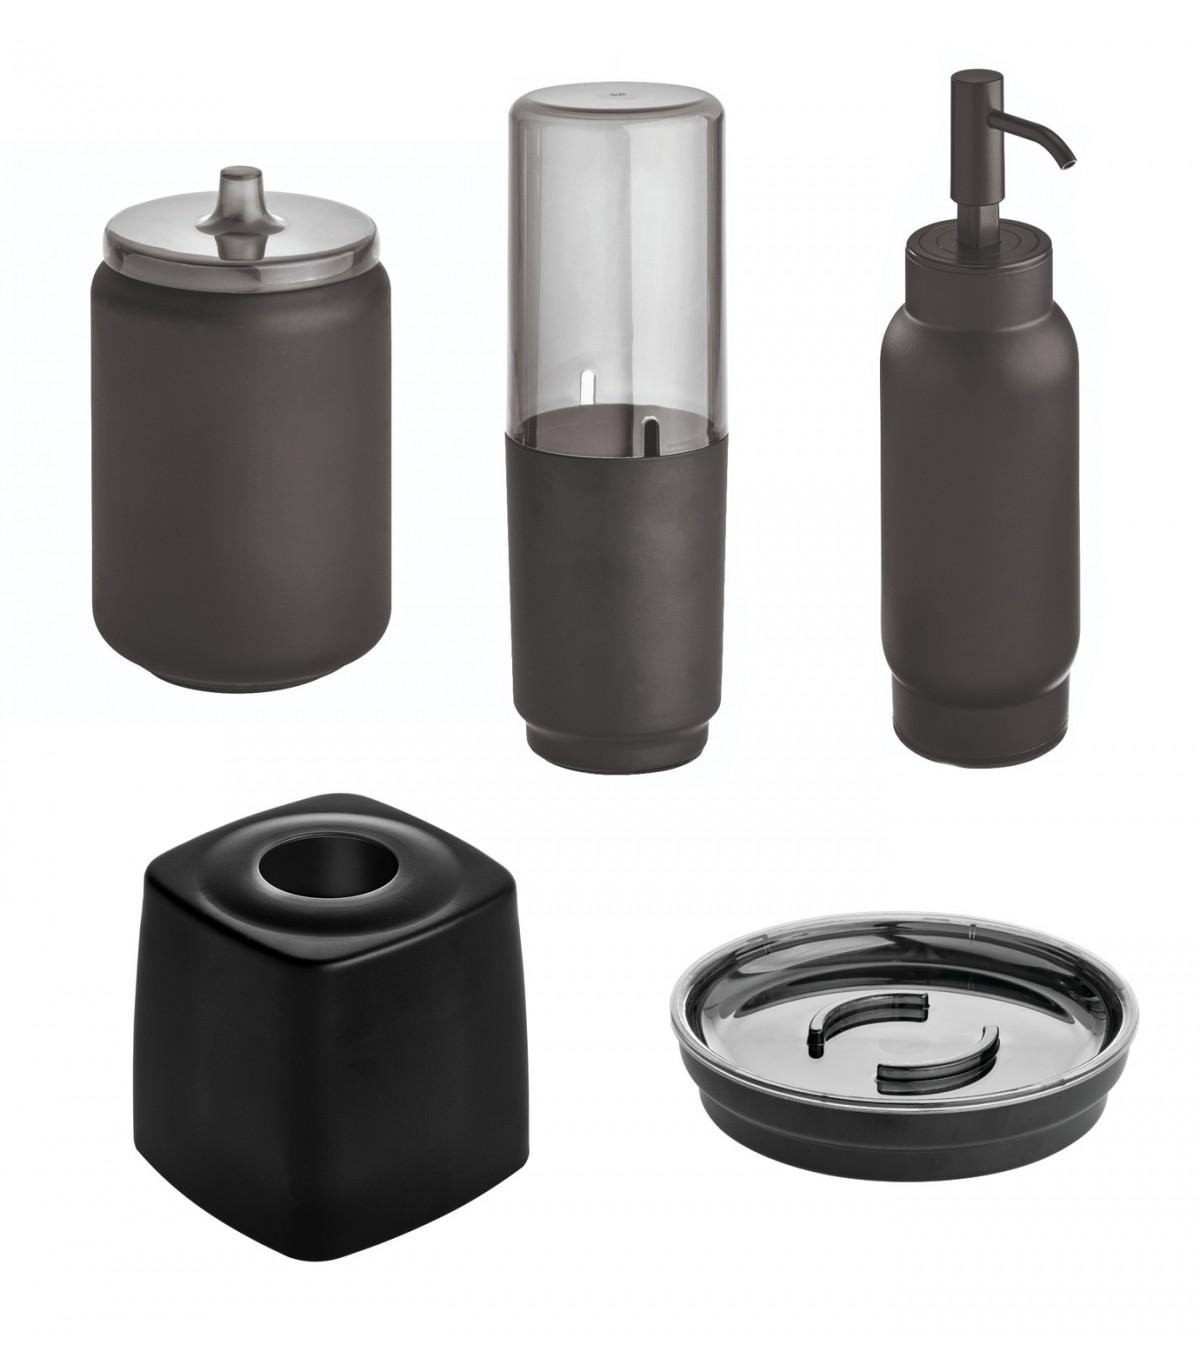 Ensemble d'accessoires de lavabo pour salle de bain - Noir